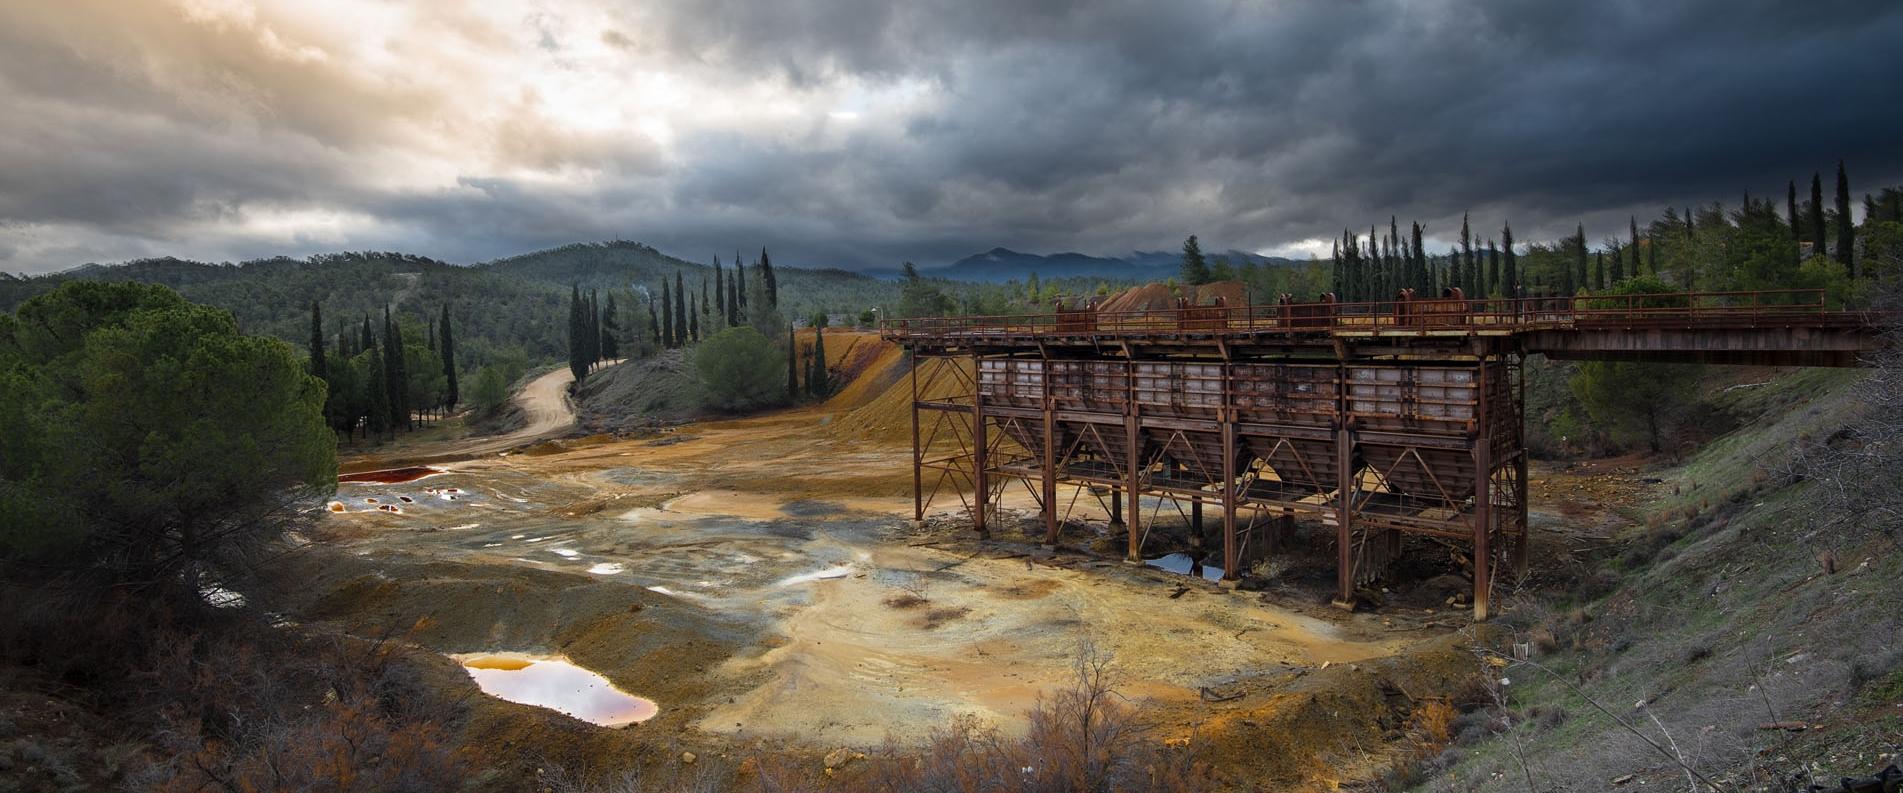 Митцеро и ее окрестности: Медной руды хозяйка